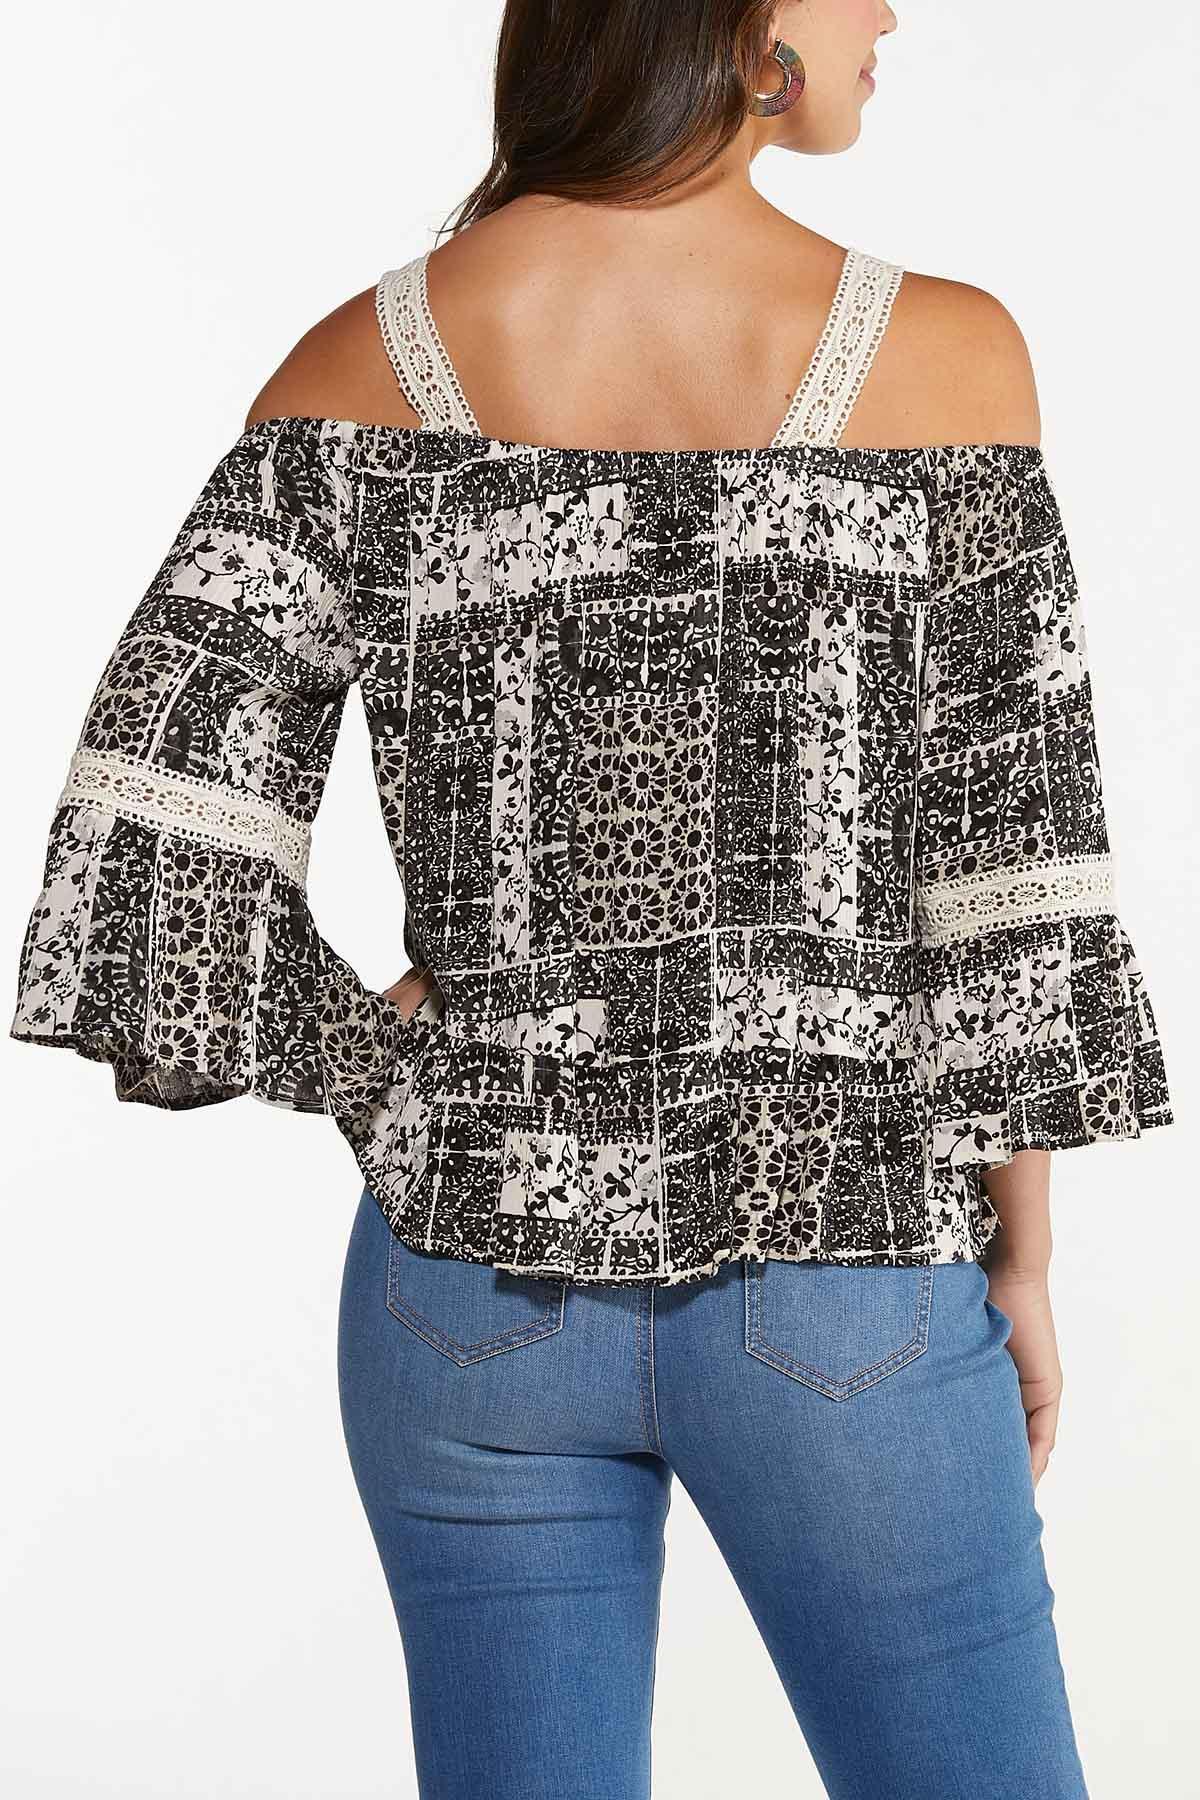 Crochet Trim Poet Top (Item #44646698)